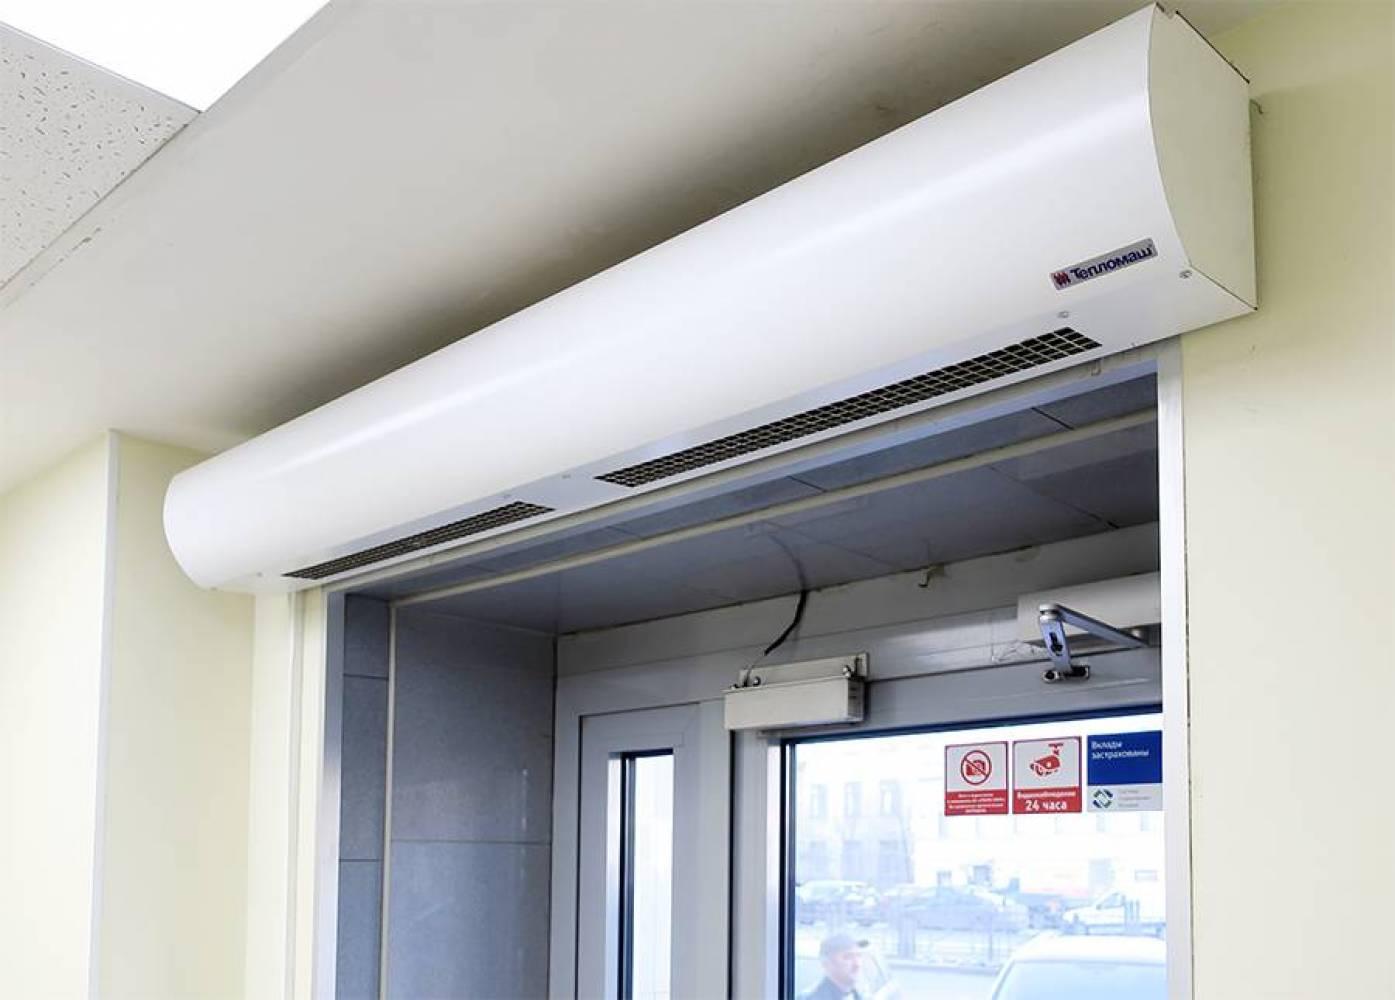 Тепловая завеса КЭВ-6П2022Е - 6 кВт (длина 1,5 м.), для проемов высотой от 2-2,5 м.